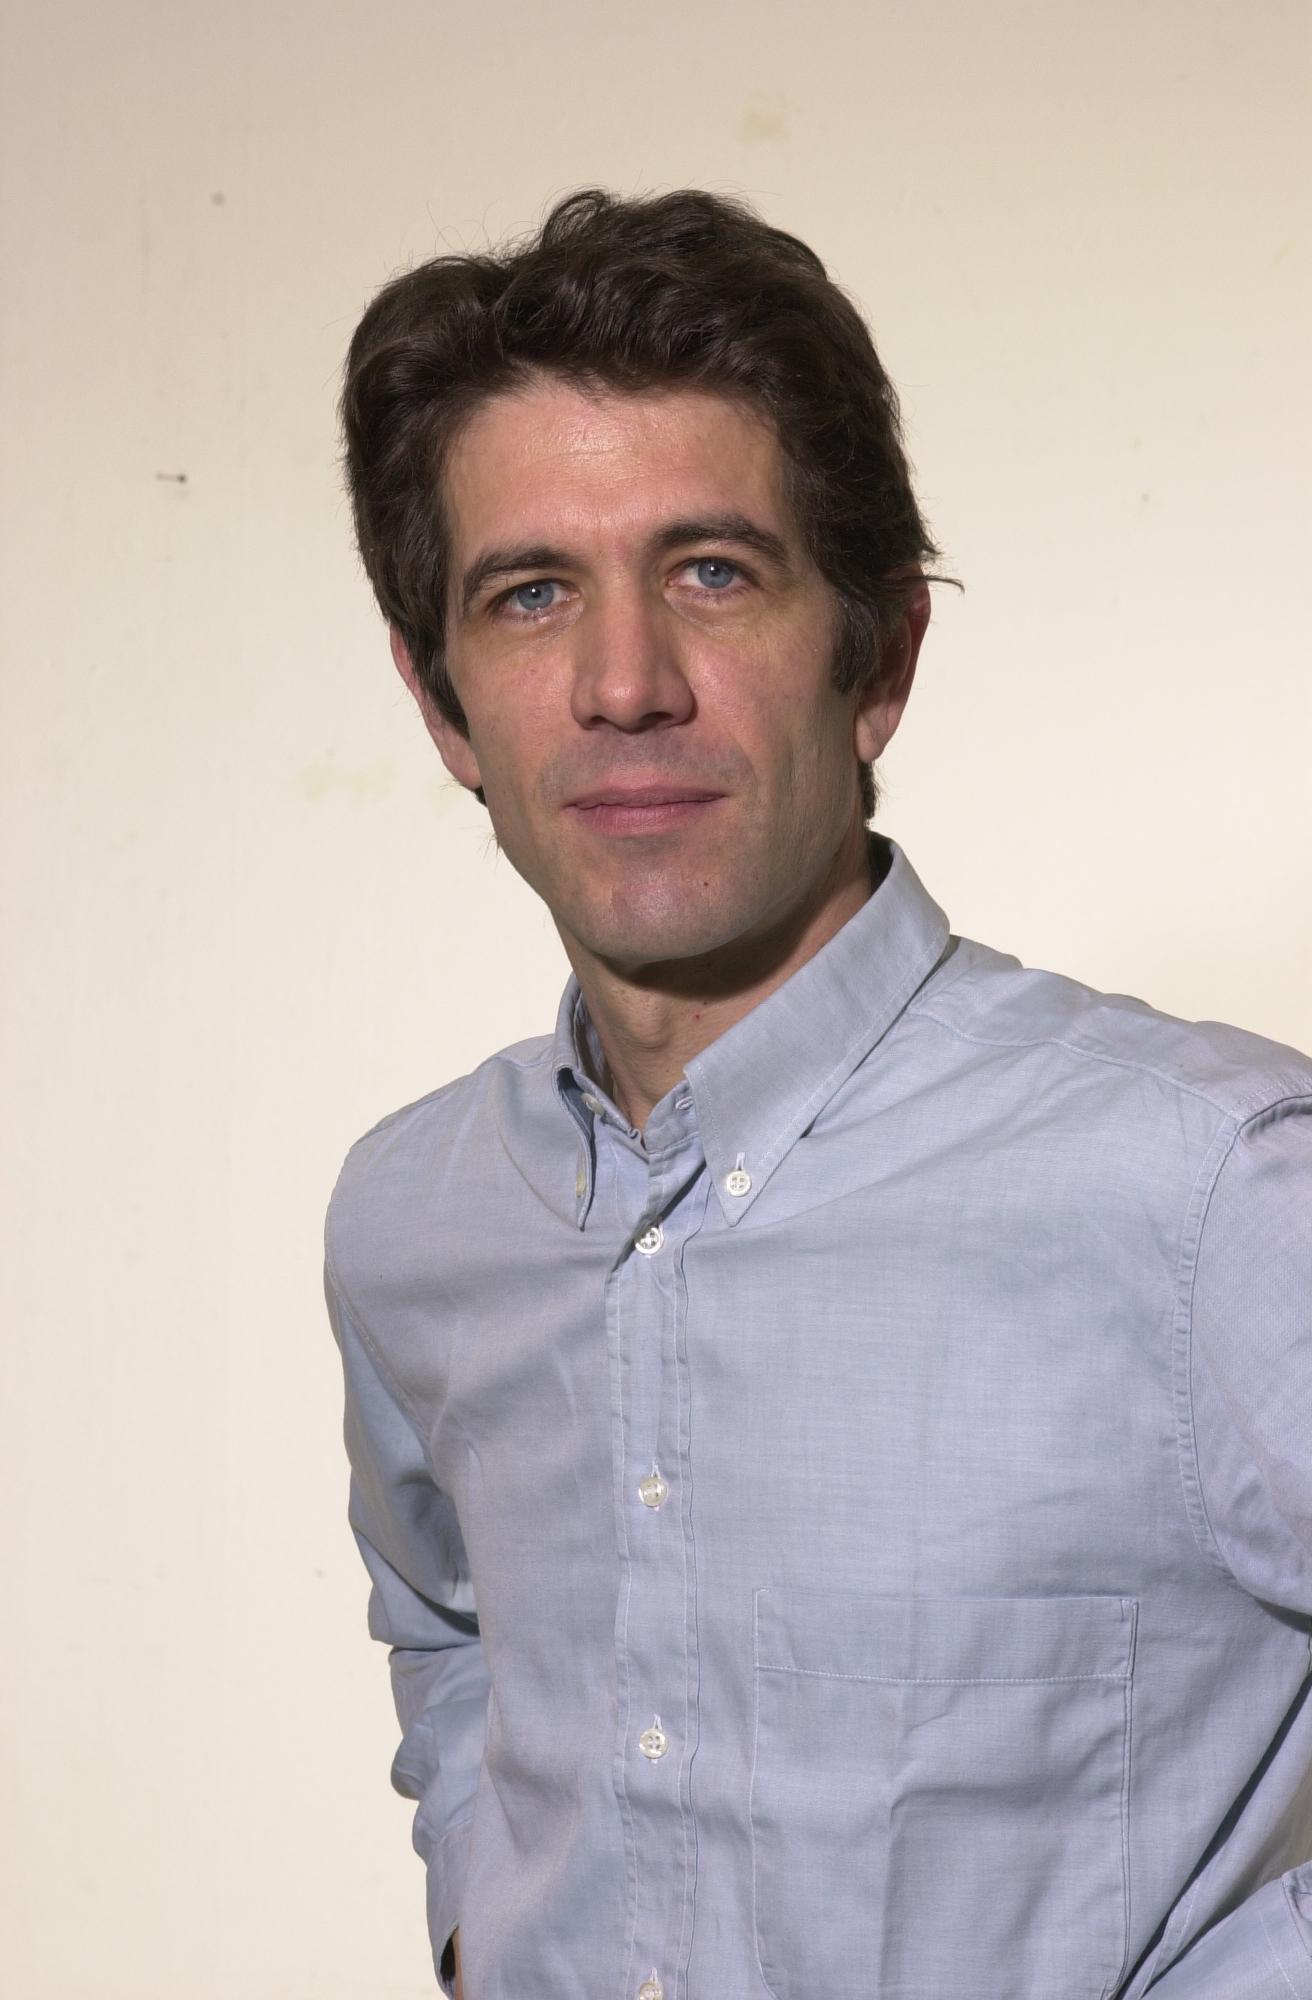 Jacques Maitre